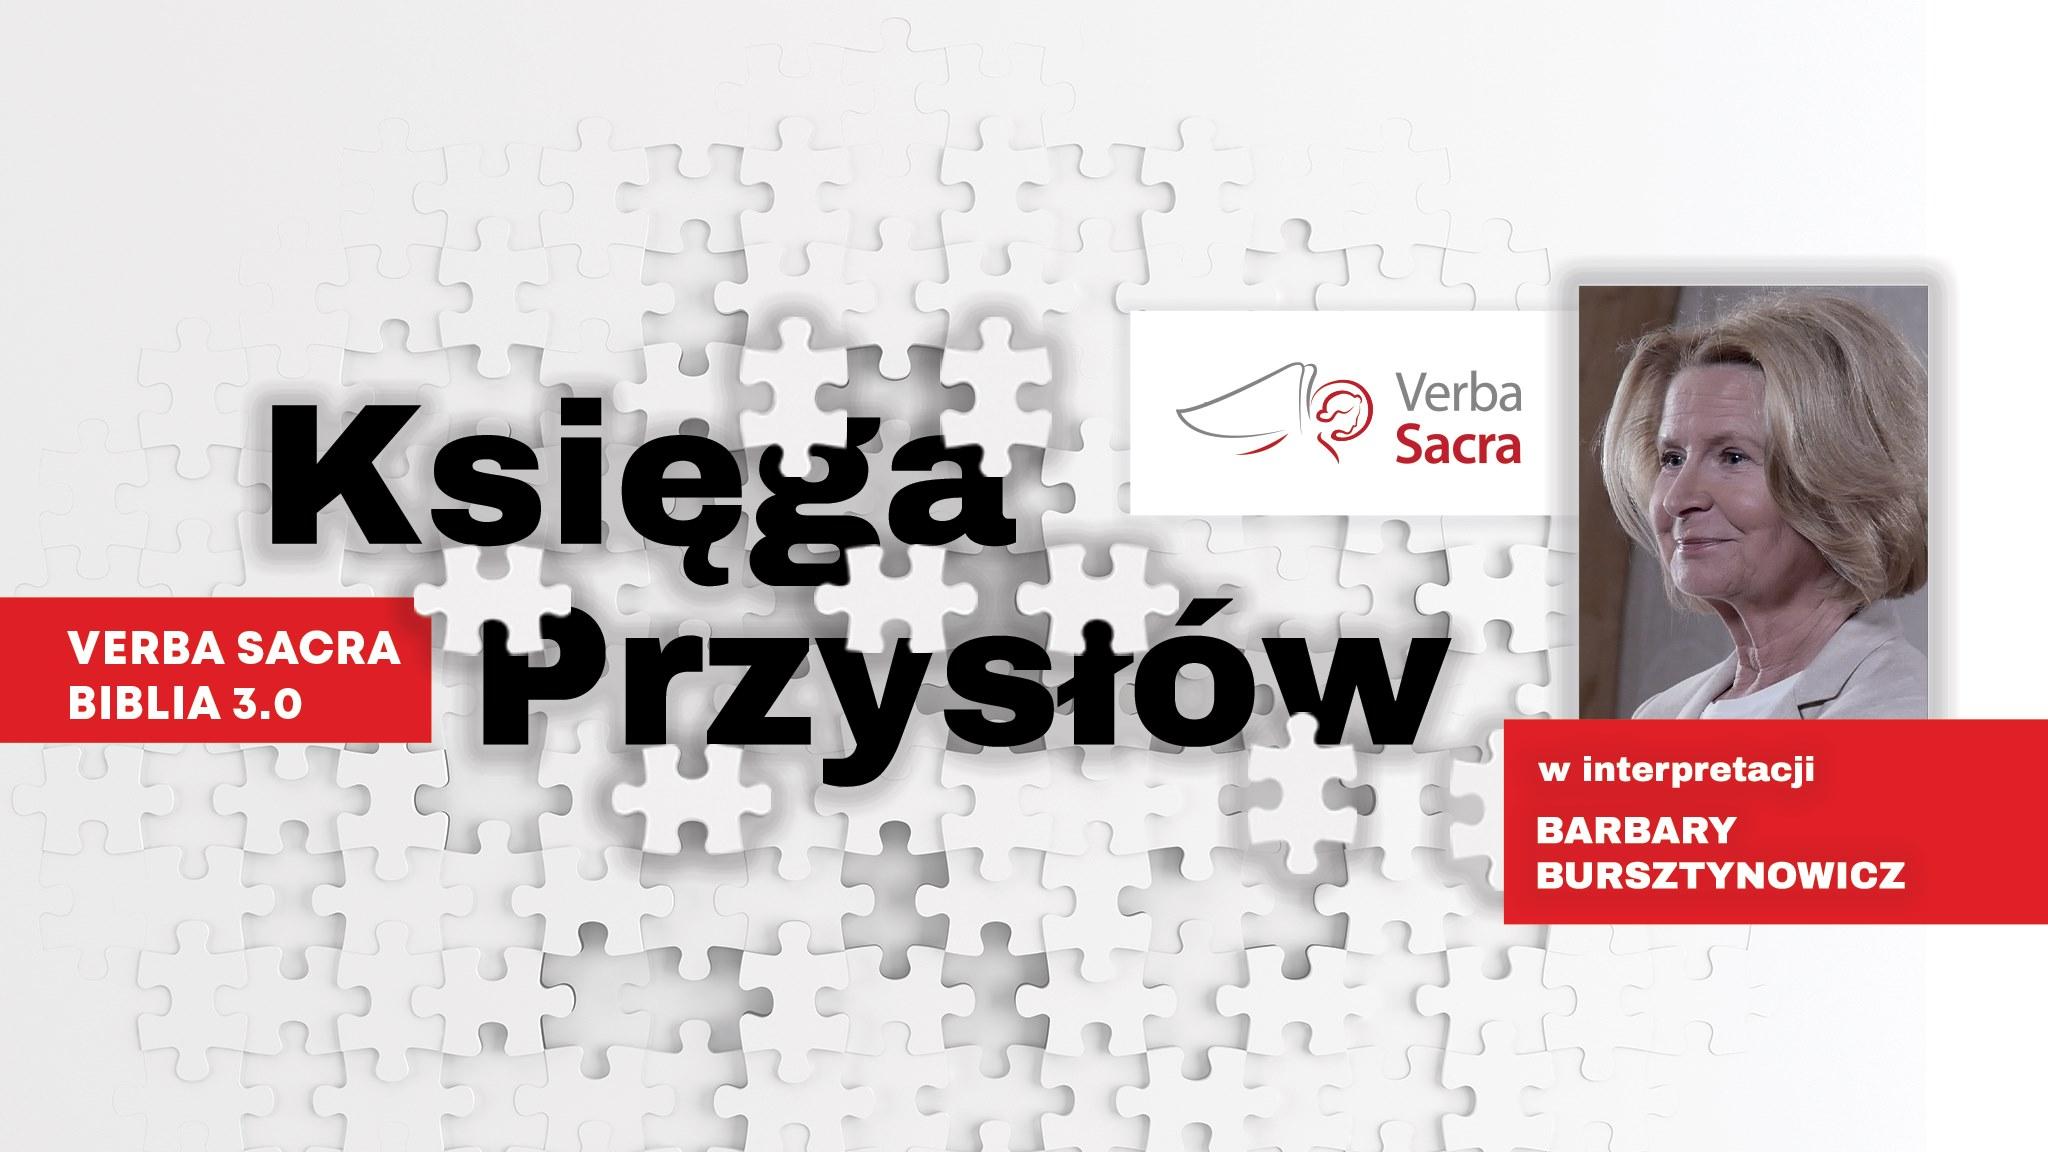 verba sacra 2021 bursztynowicz - Organizator